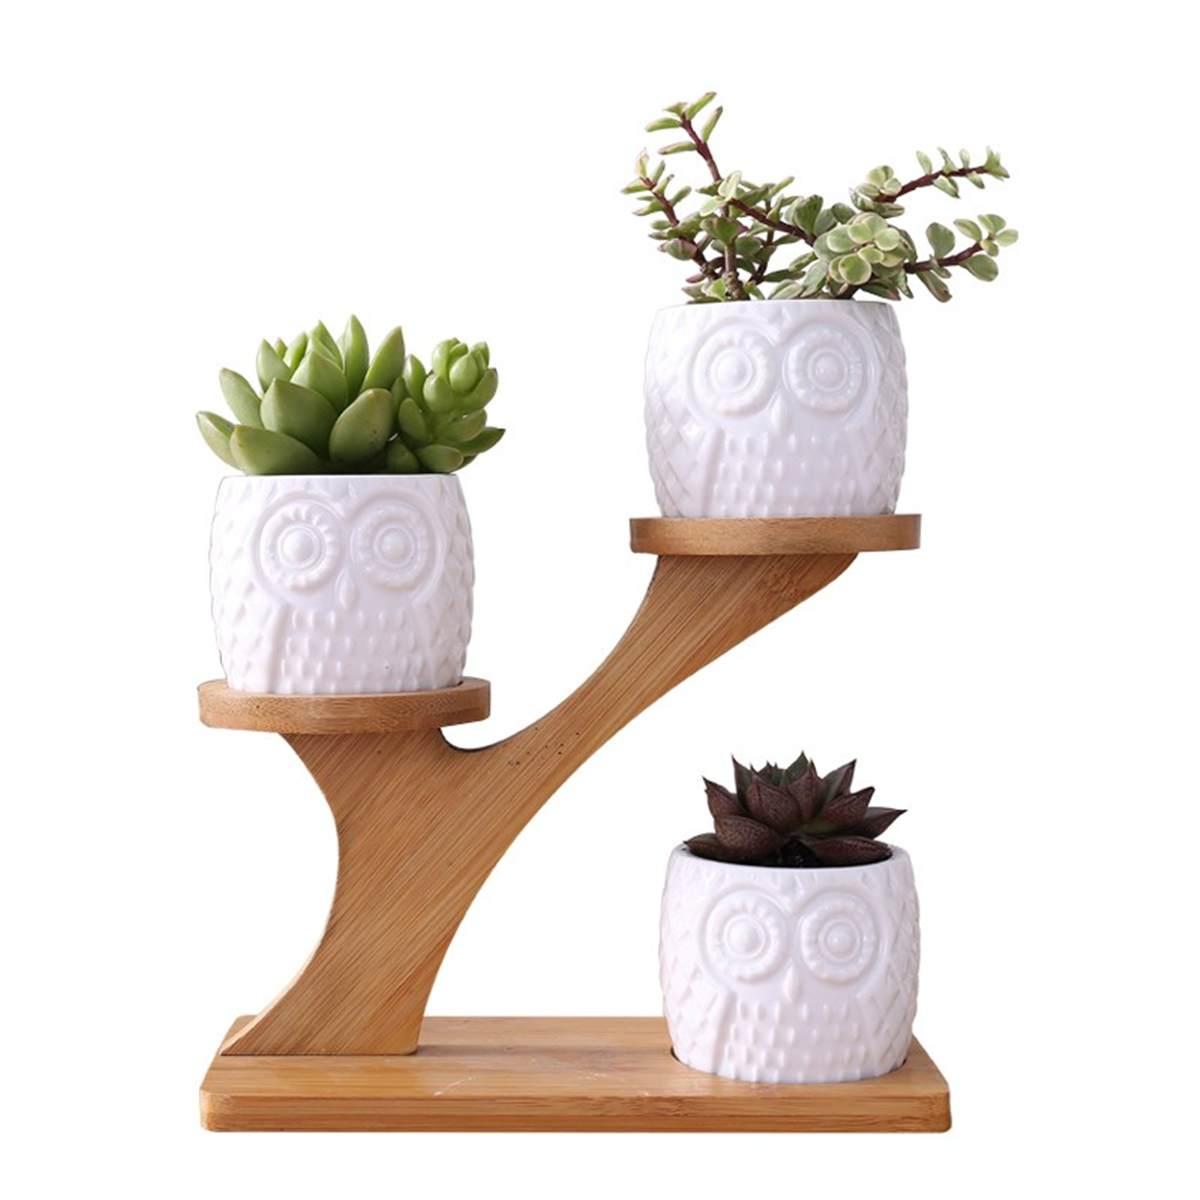 2 Styles Ceramic Succulent Pots Garden Planter for Plants Bonsai Pot Bamboo Plants Stand Sets 1